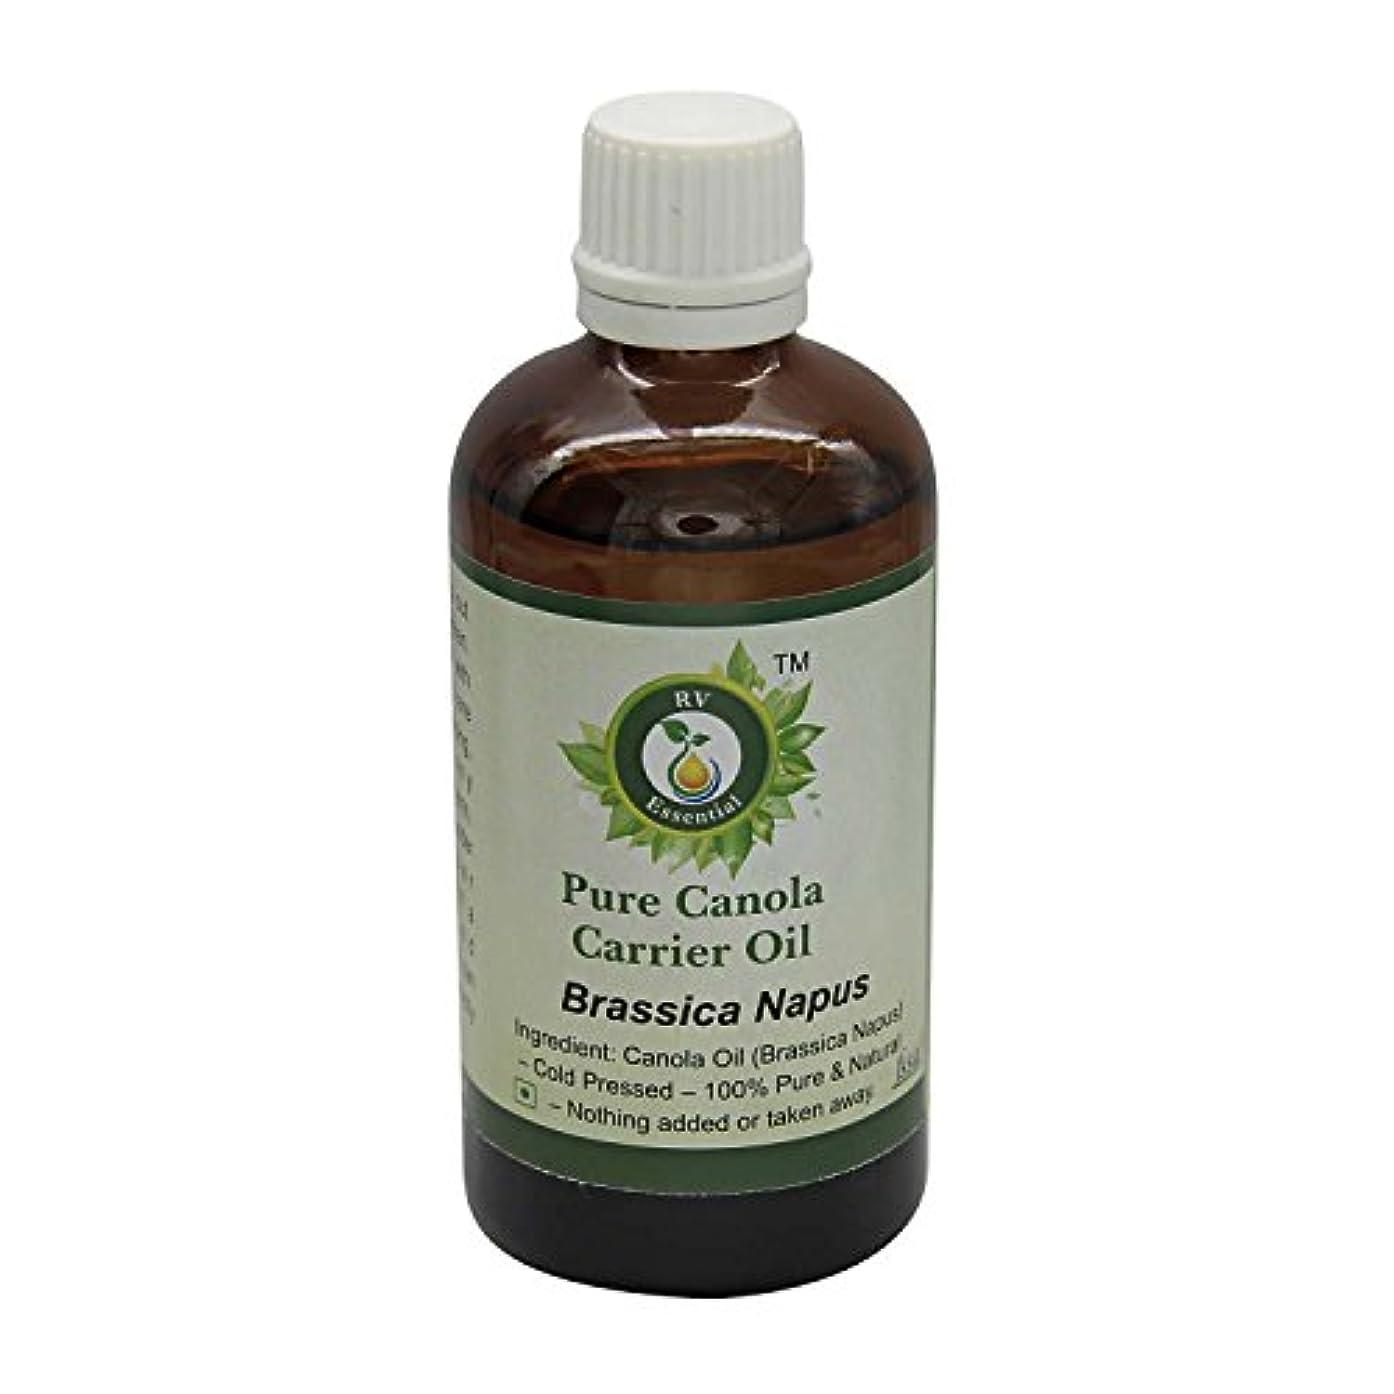 鰐悲劇一方、R V Essential 純粋なキャノーラキャリアオイル10ml (0.338oz)- Brassica Napus (100%ピュア&ナチュラルコールドPressed) Pure Canola Carrier Oil